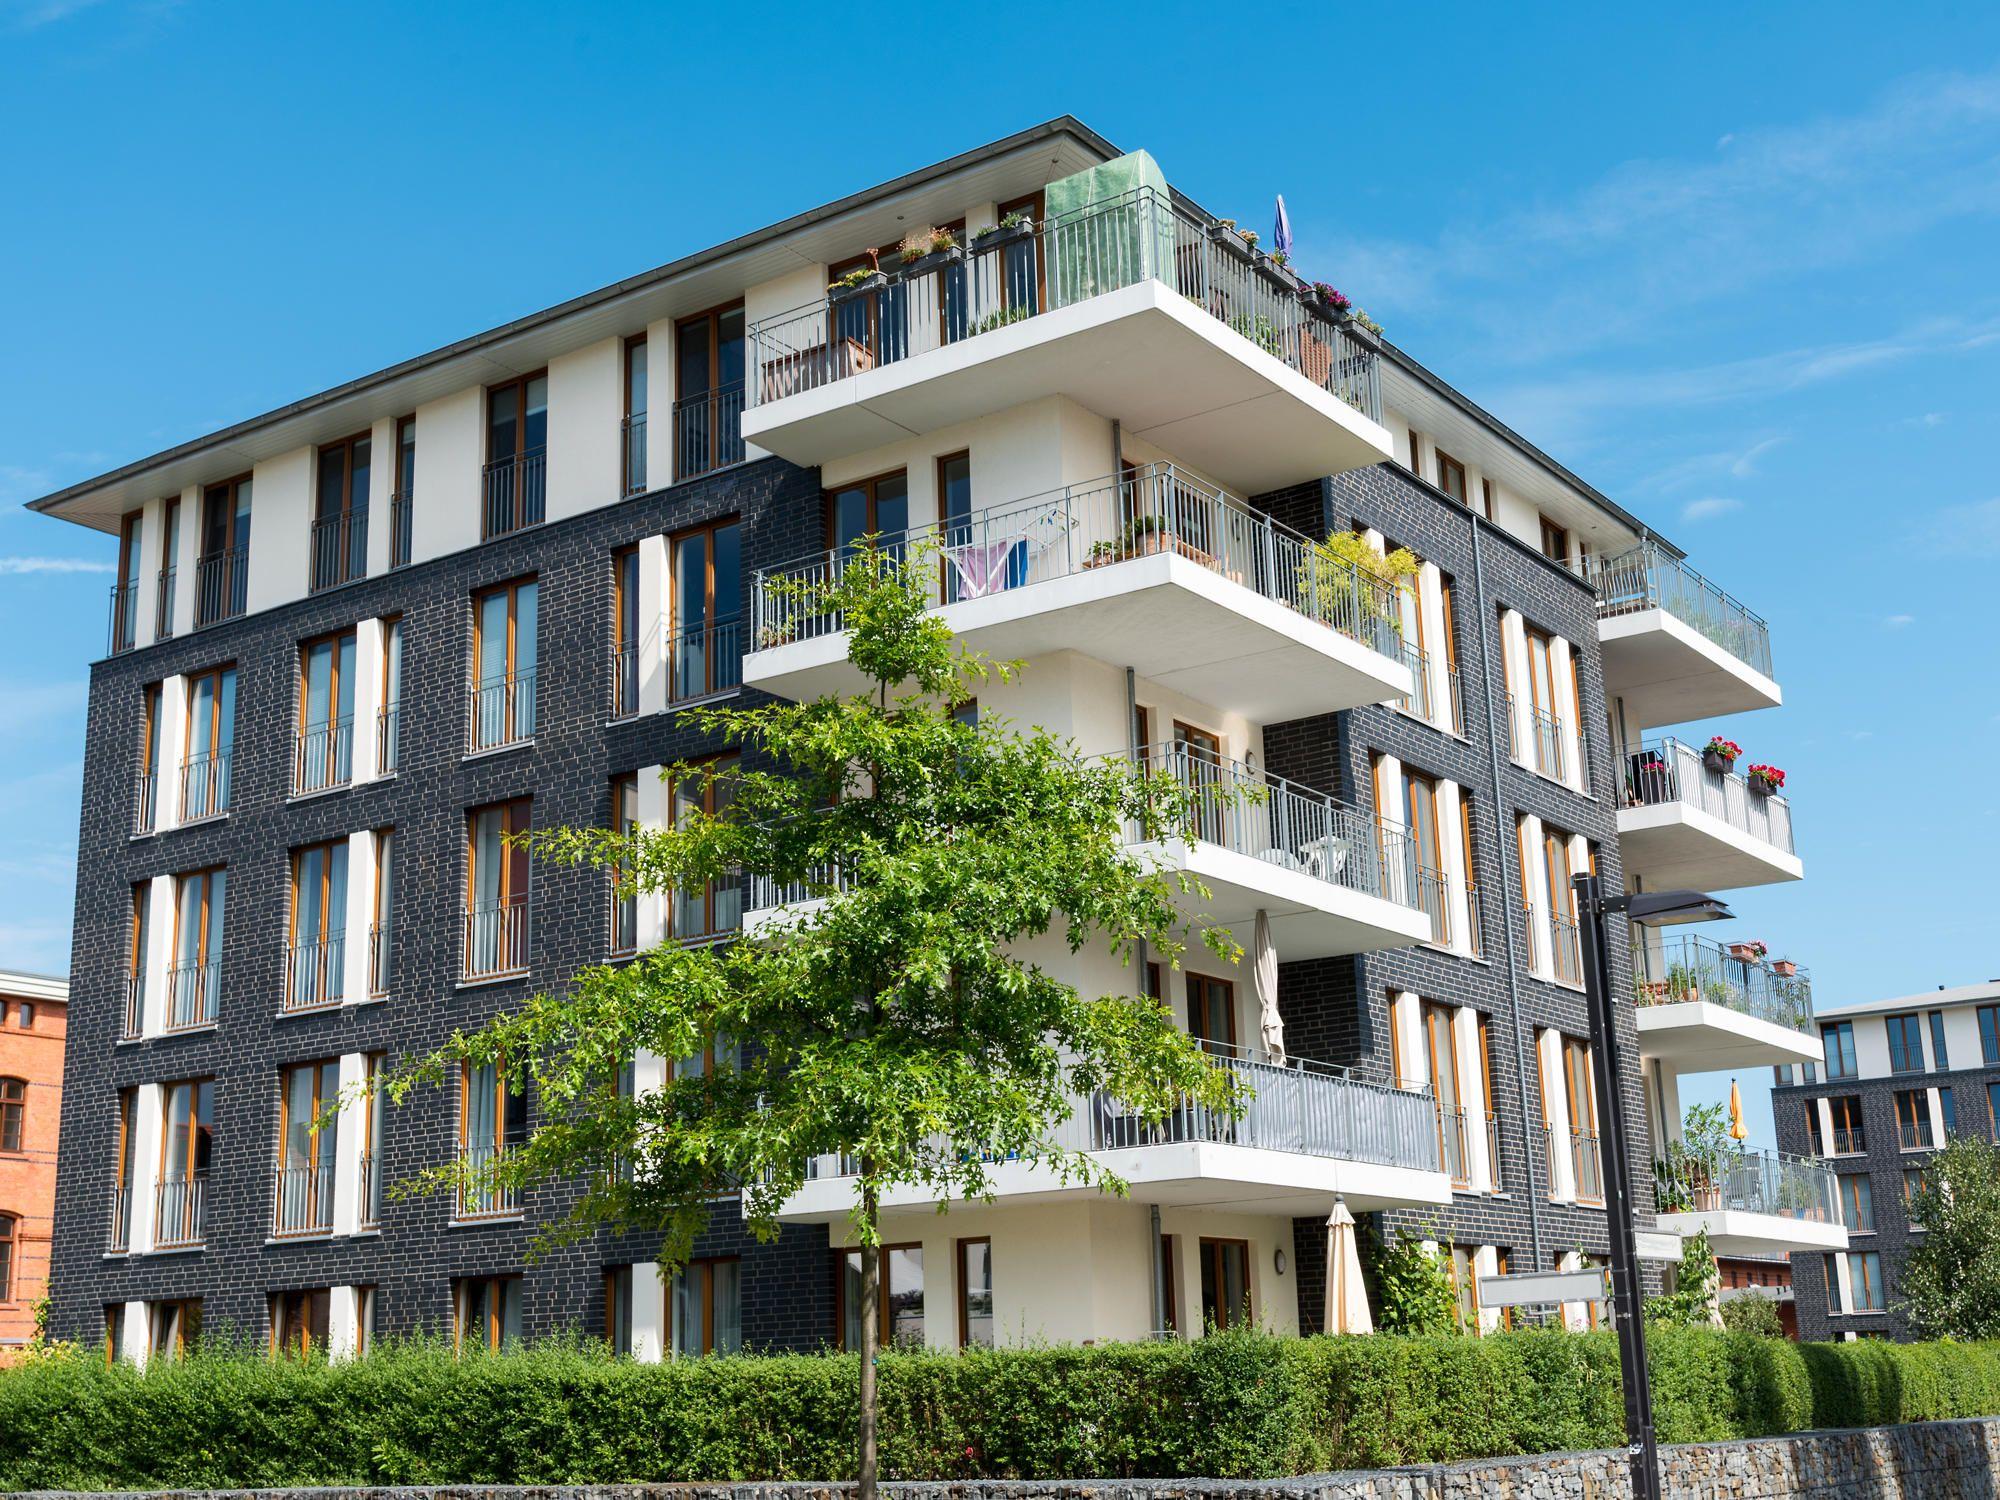 Mehrfamilienhaus mit 9 Wohneinheiten schlüsselfertig